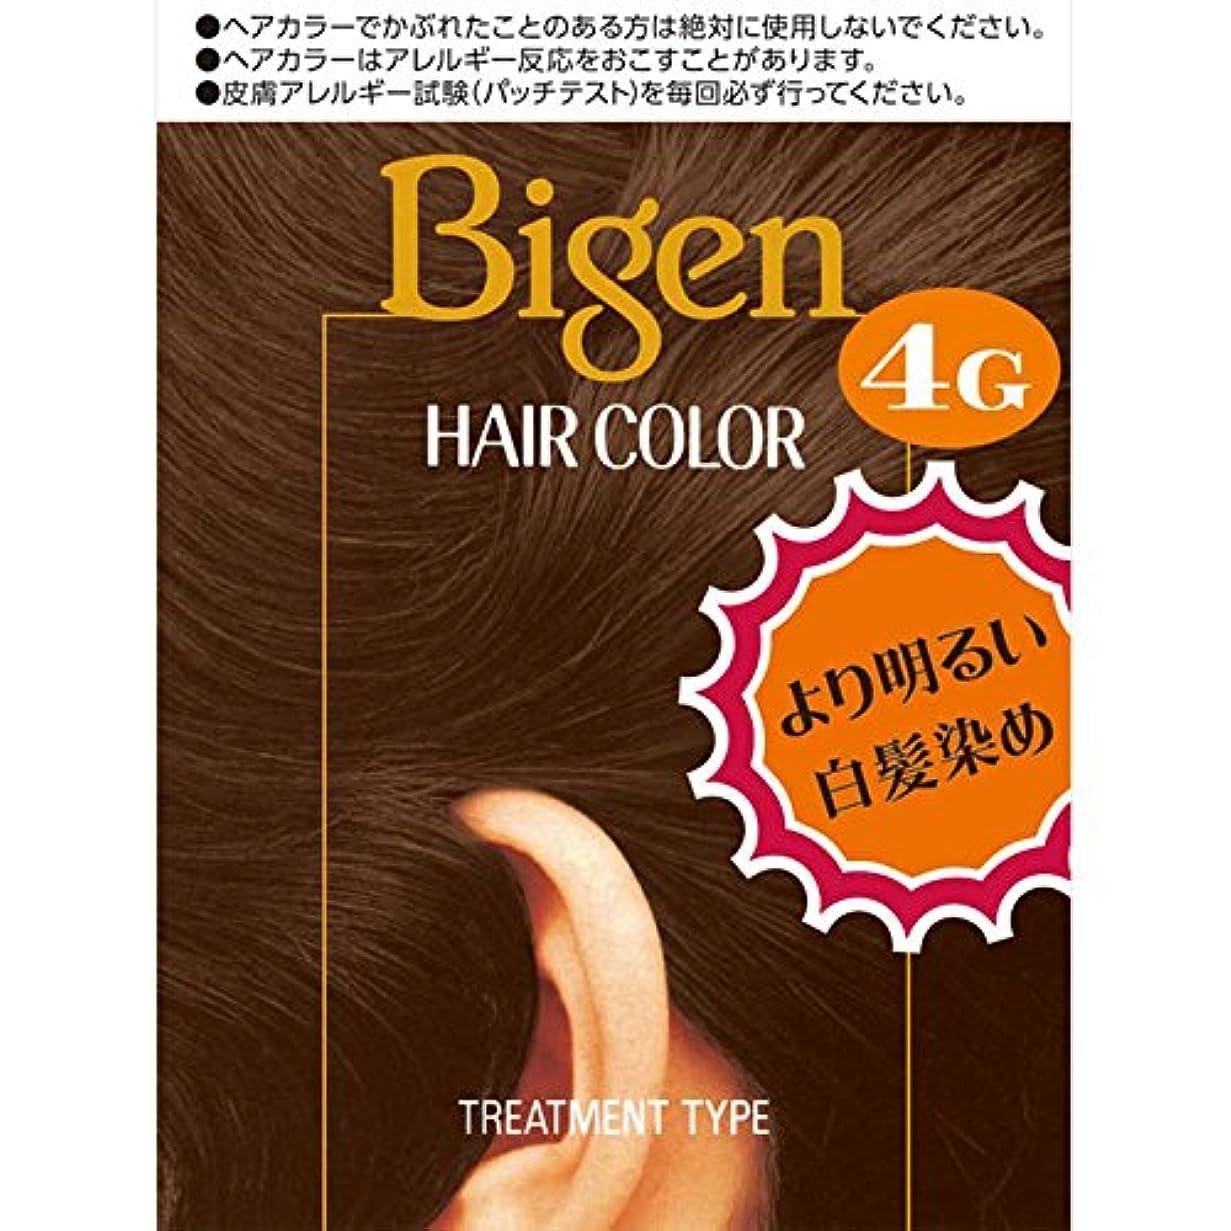 ホーユー ビゲン ヘアカラー 4G 自然な栗色 40ml×2 (医薬部外品)